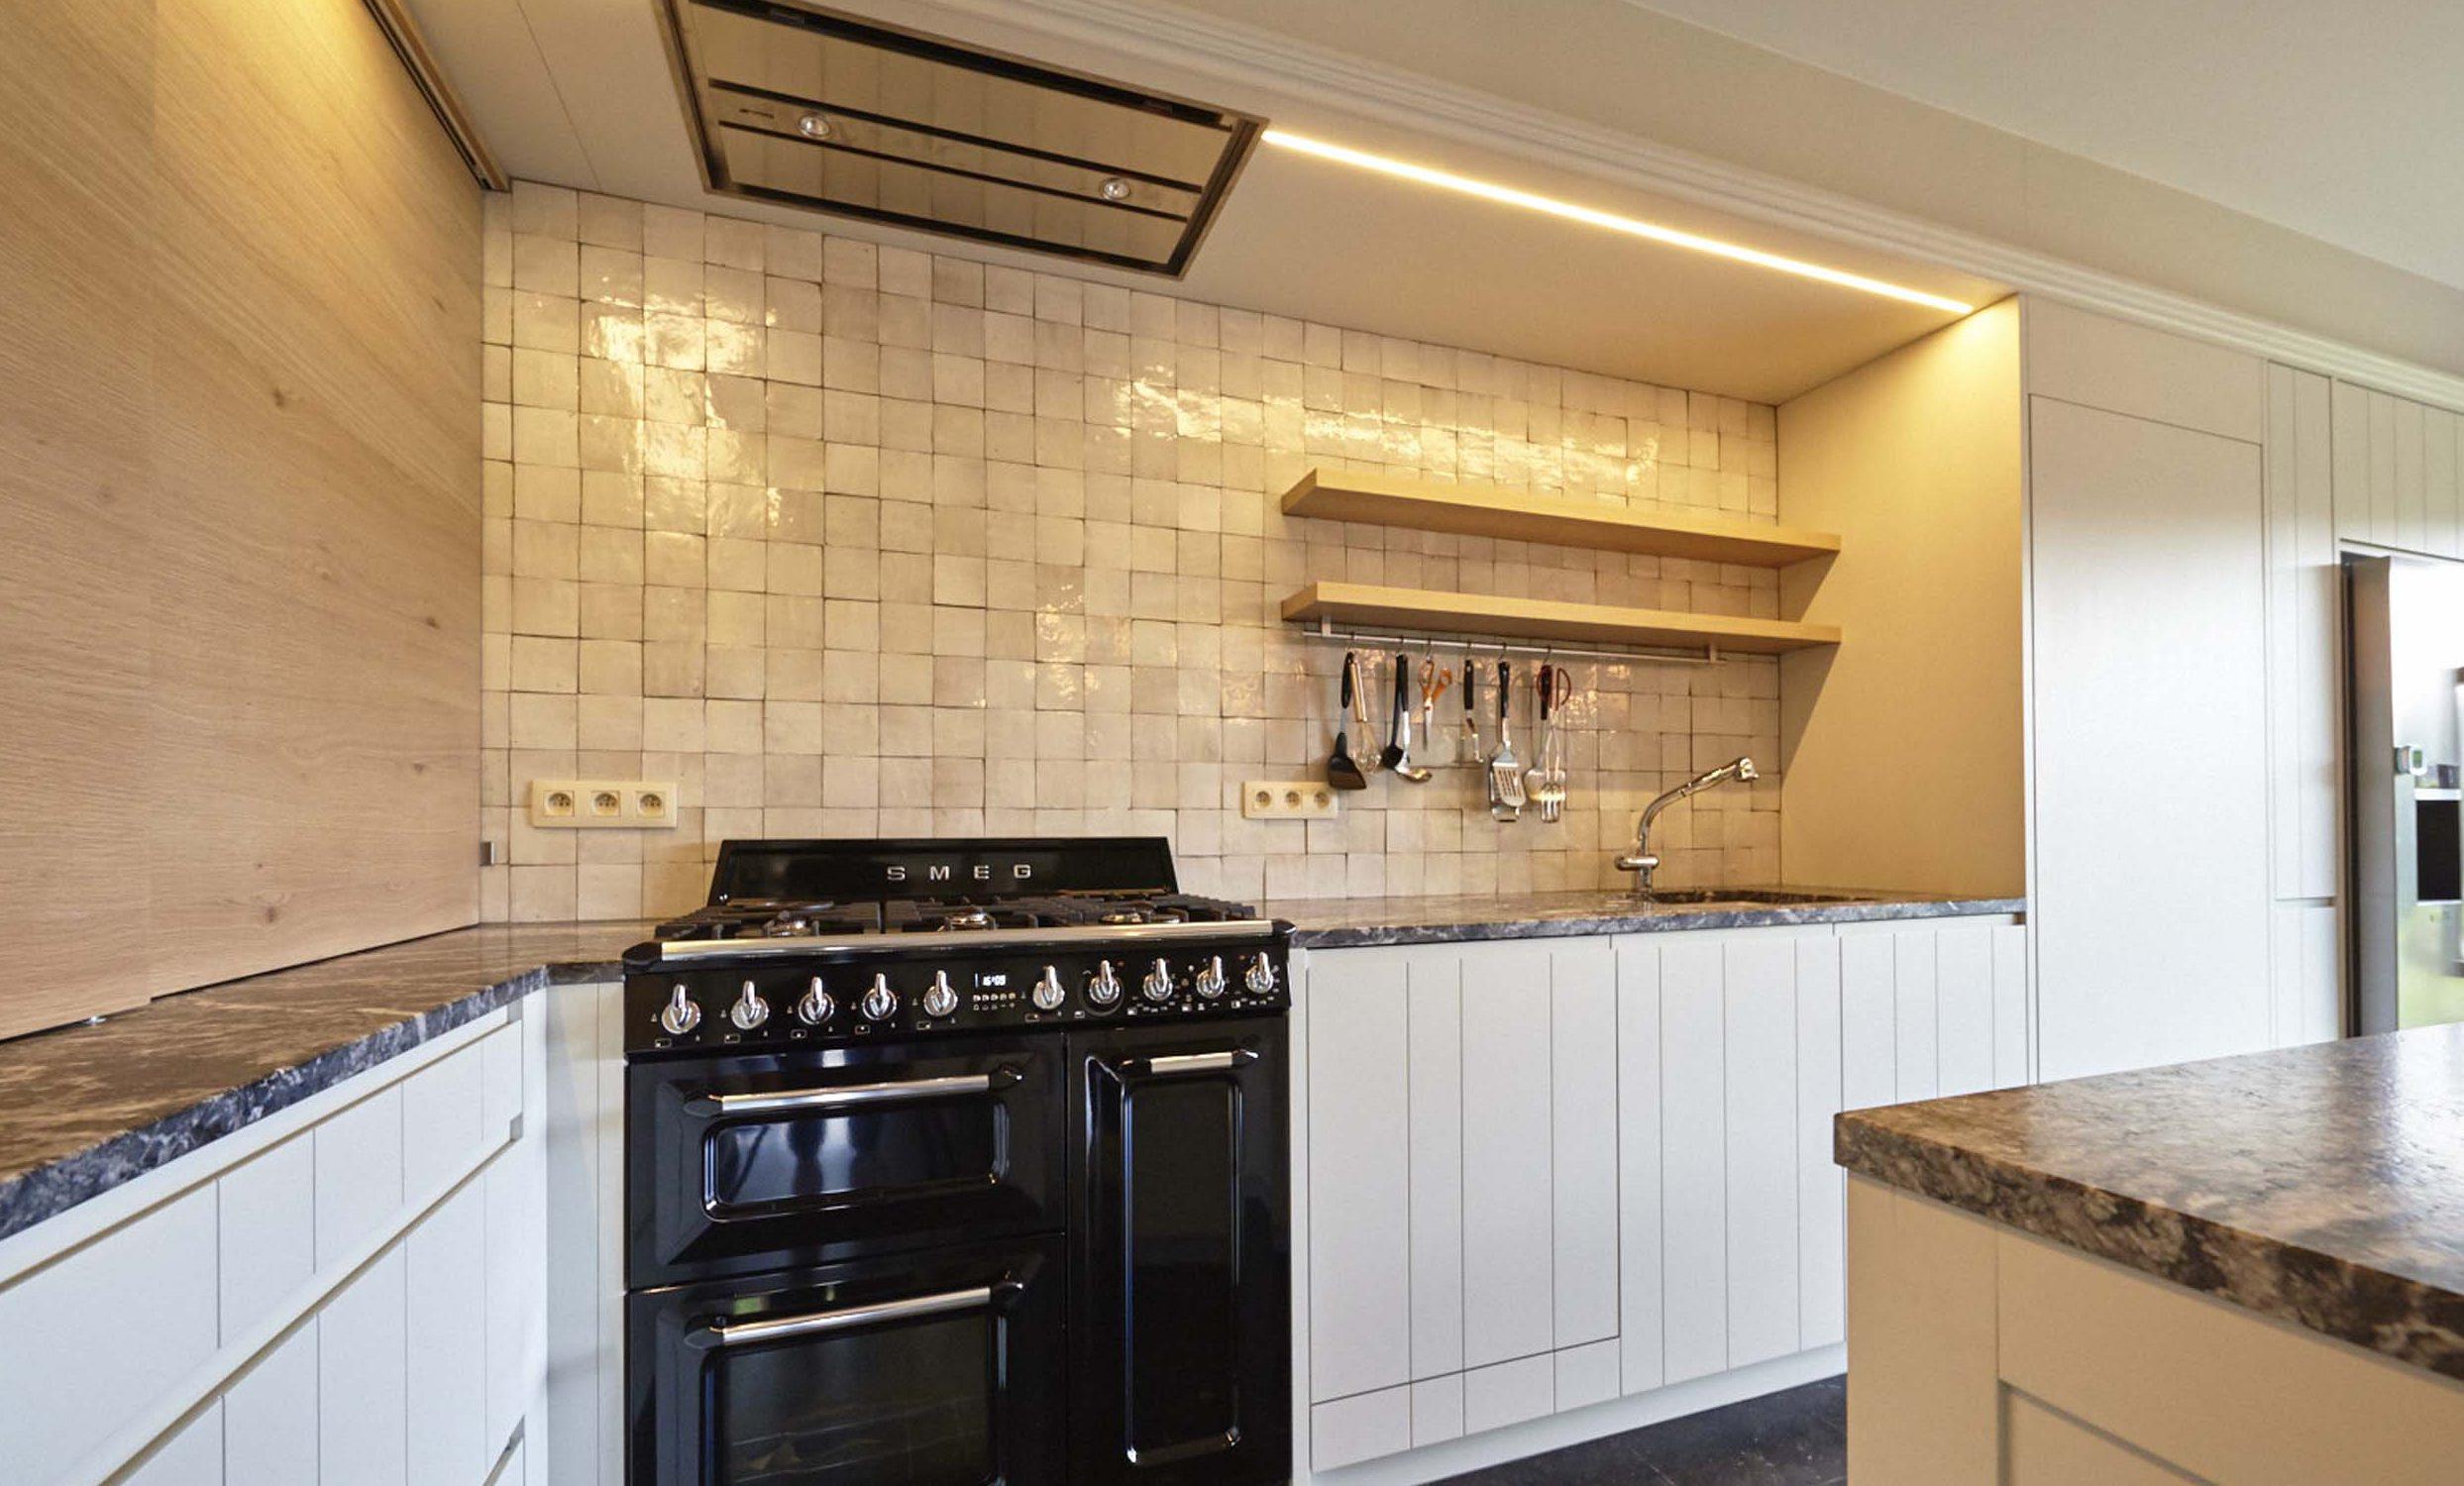 Vanda-projects-interieurinrichting-meubelmakerij-oost-vlaanderen-dumoulin-oven